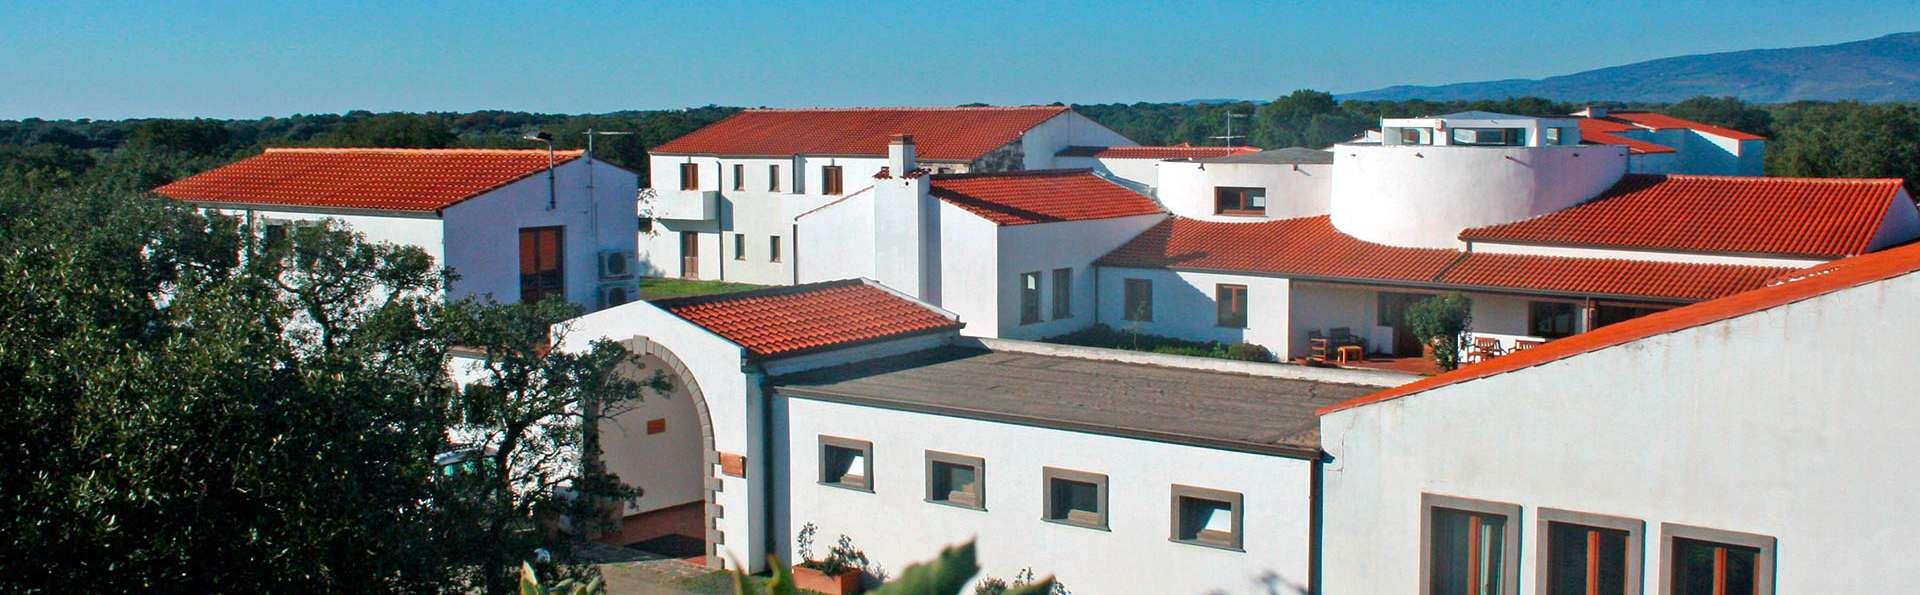 Hotel Su Baione - EDIT_front.jpg